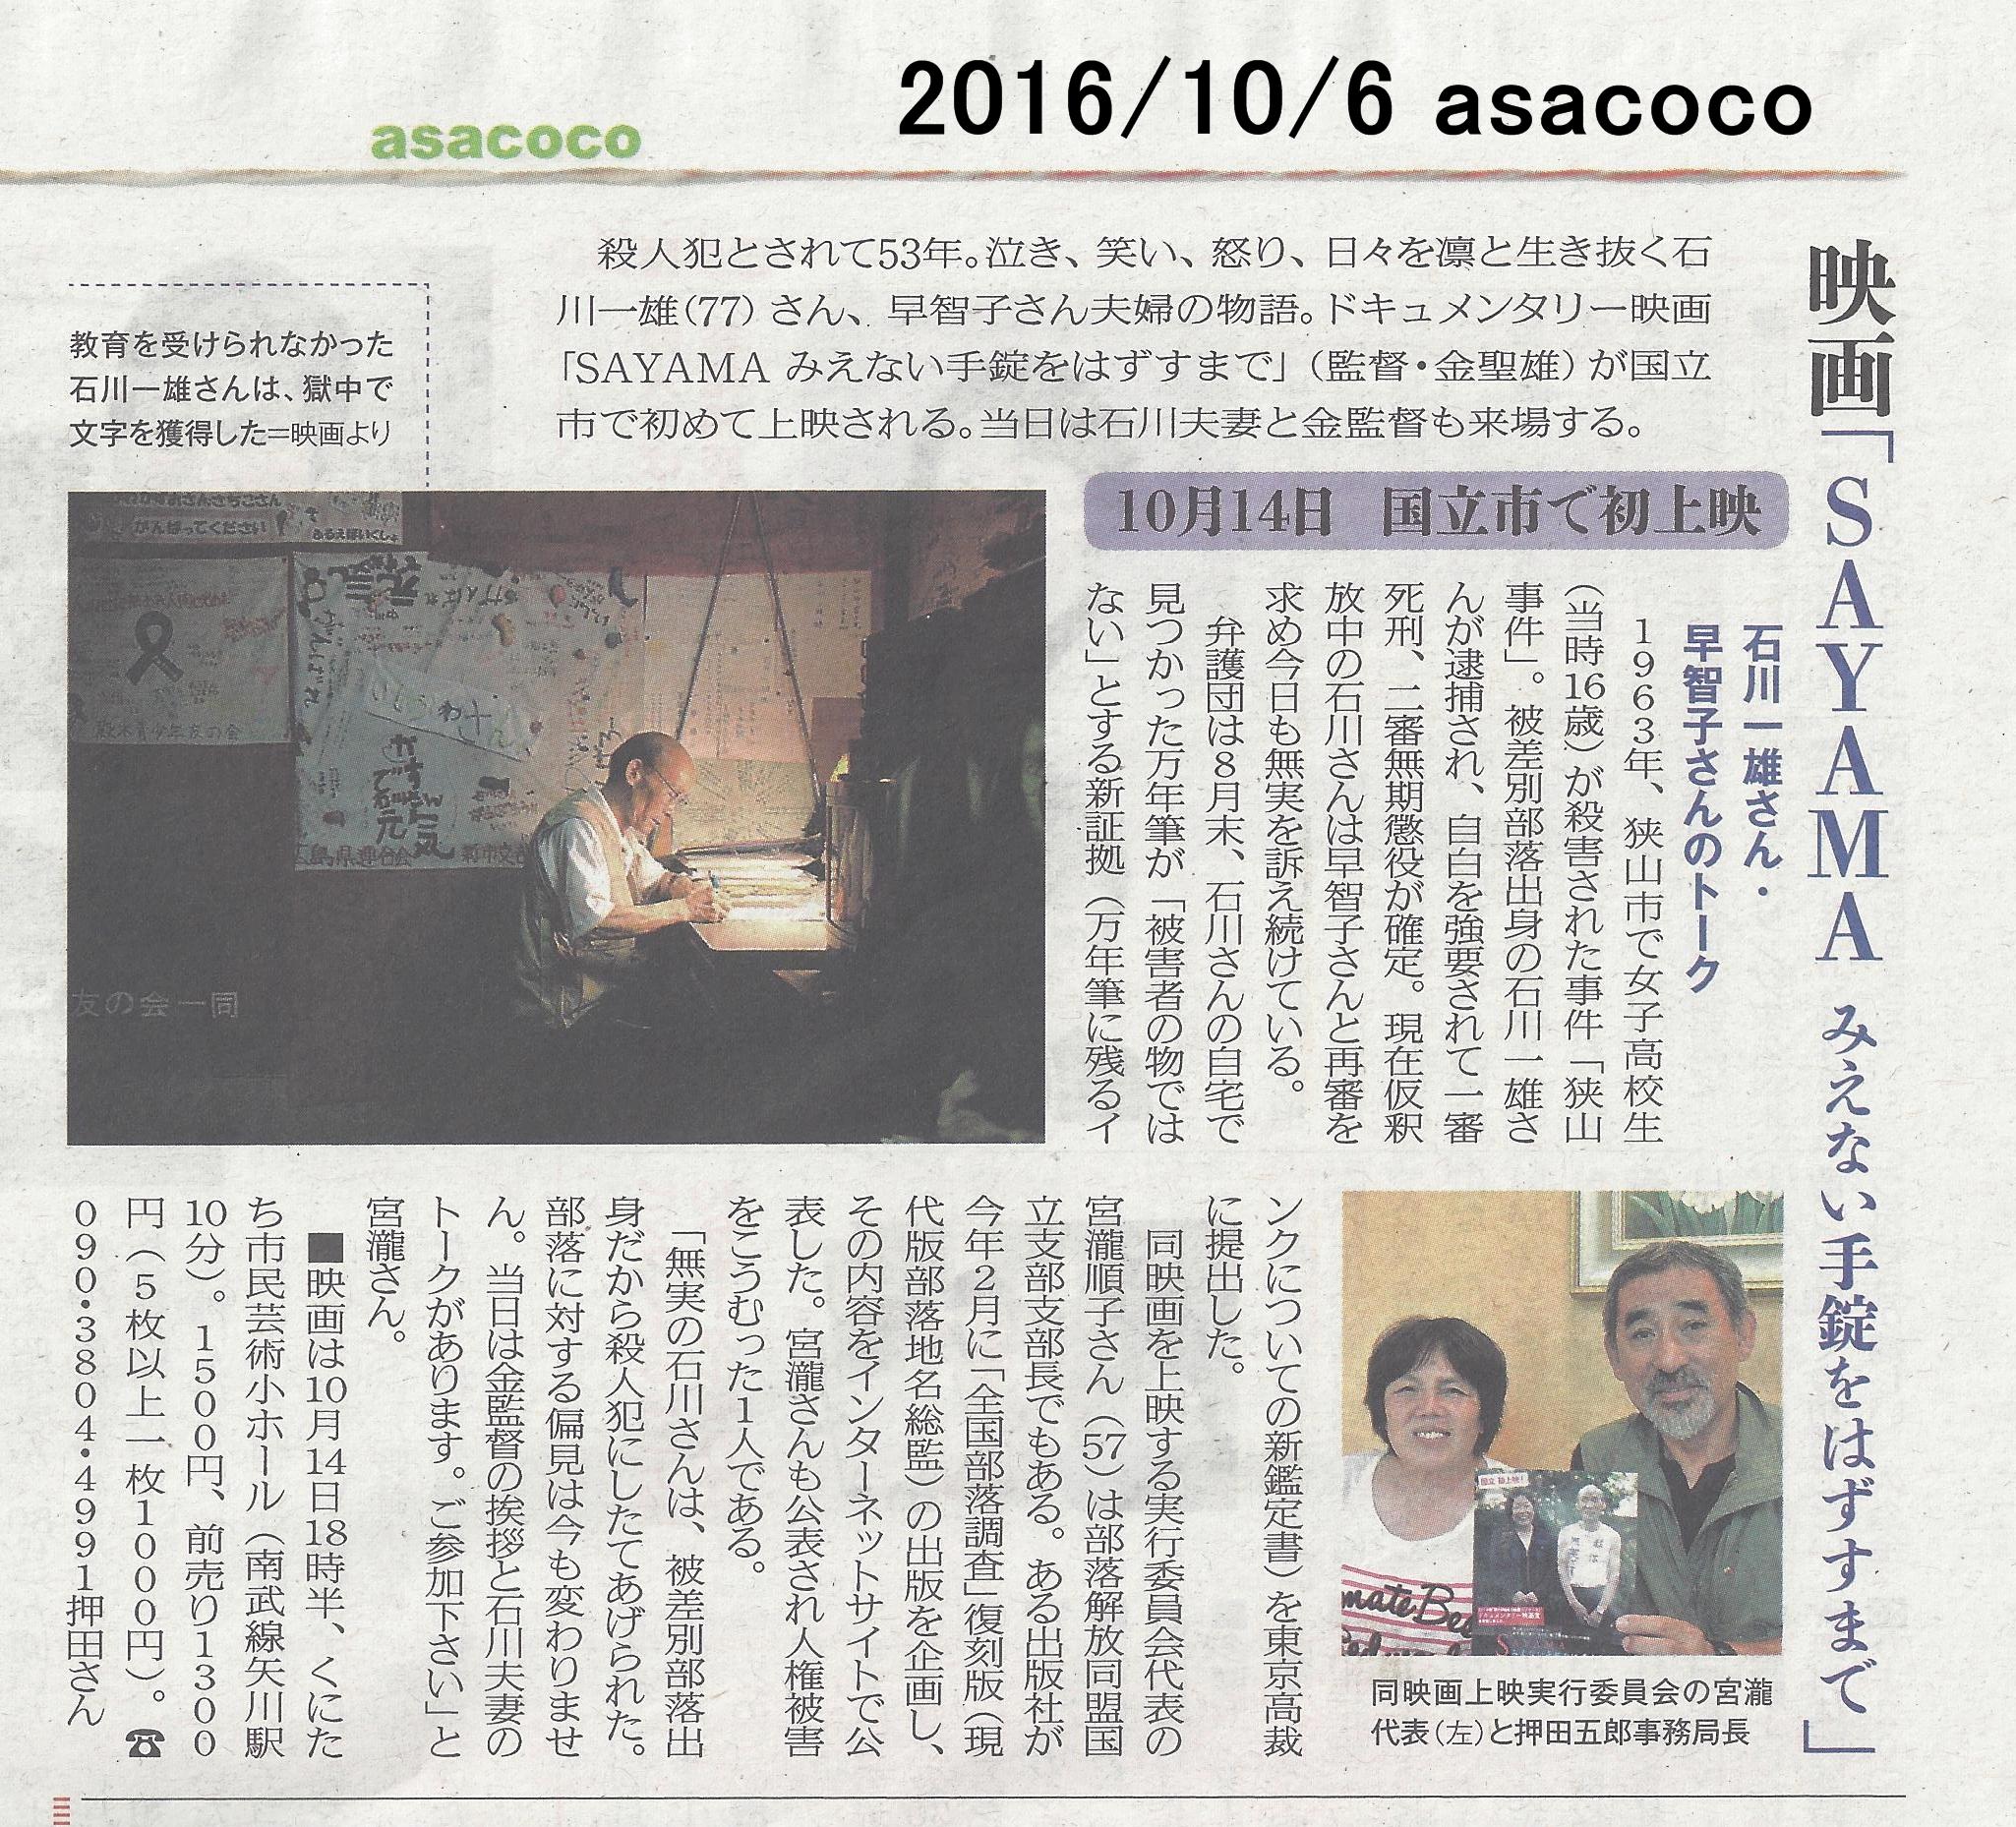 アサココ 2016.10.6